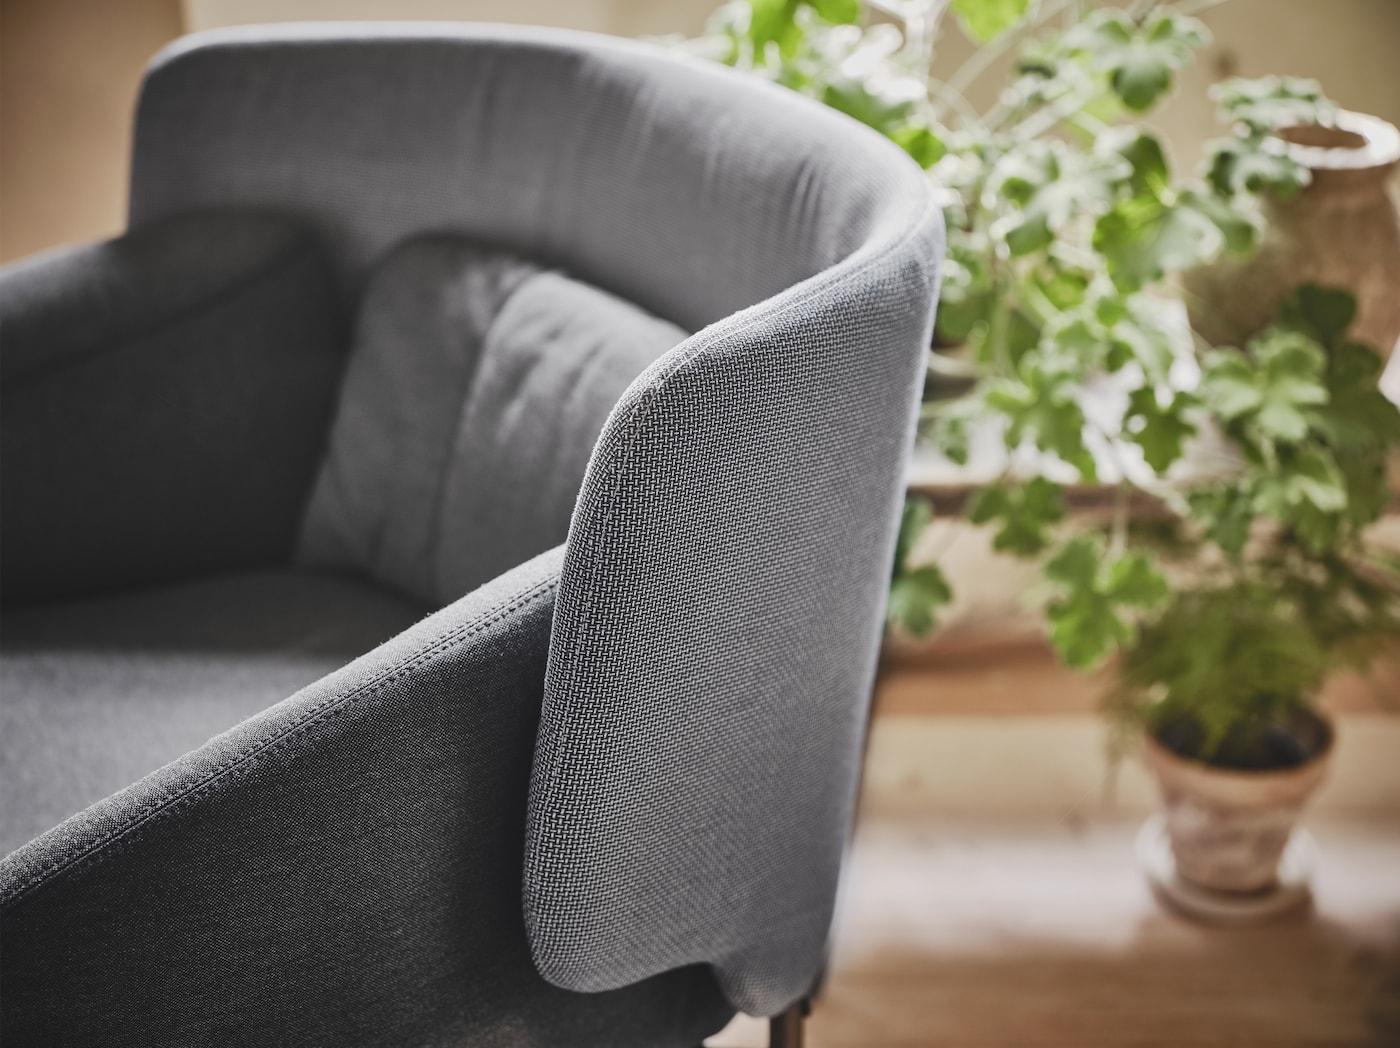 Nahaufnahme eines BINGSTA Sessels mit abgerundeten Armlehnen und einer weit nach vorn geschwungenen, niedrigen Rückenlehne.